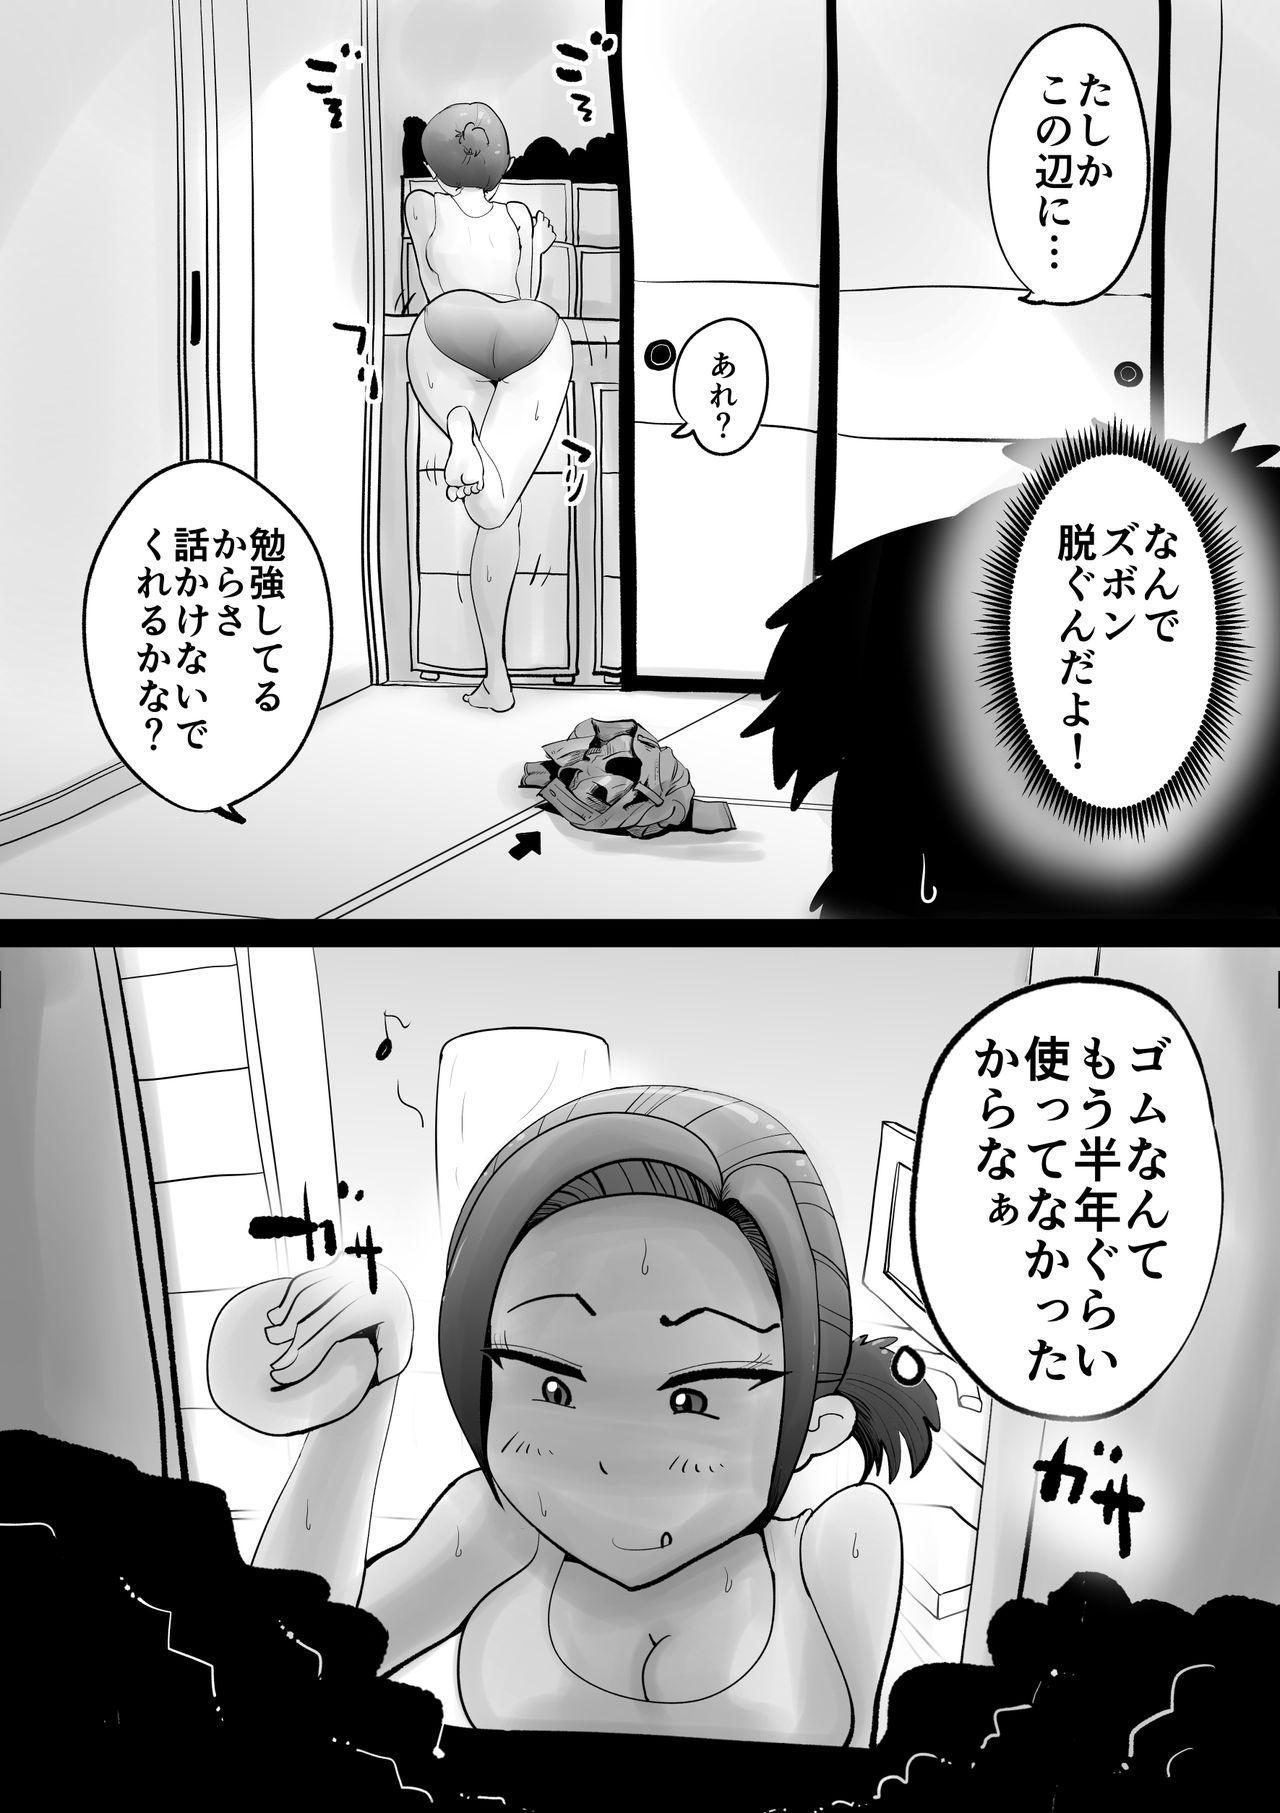 Warunori Shita Hahaoya ni Karuku Seishori ni Tsukawareru Hanashi 19